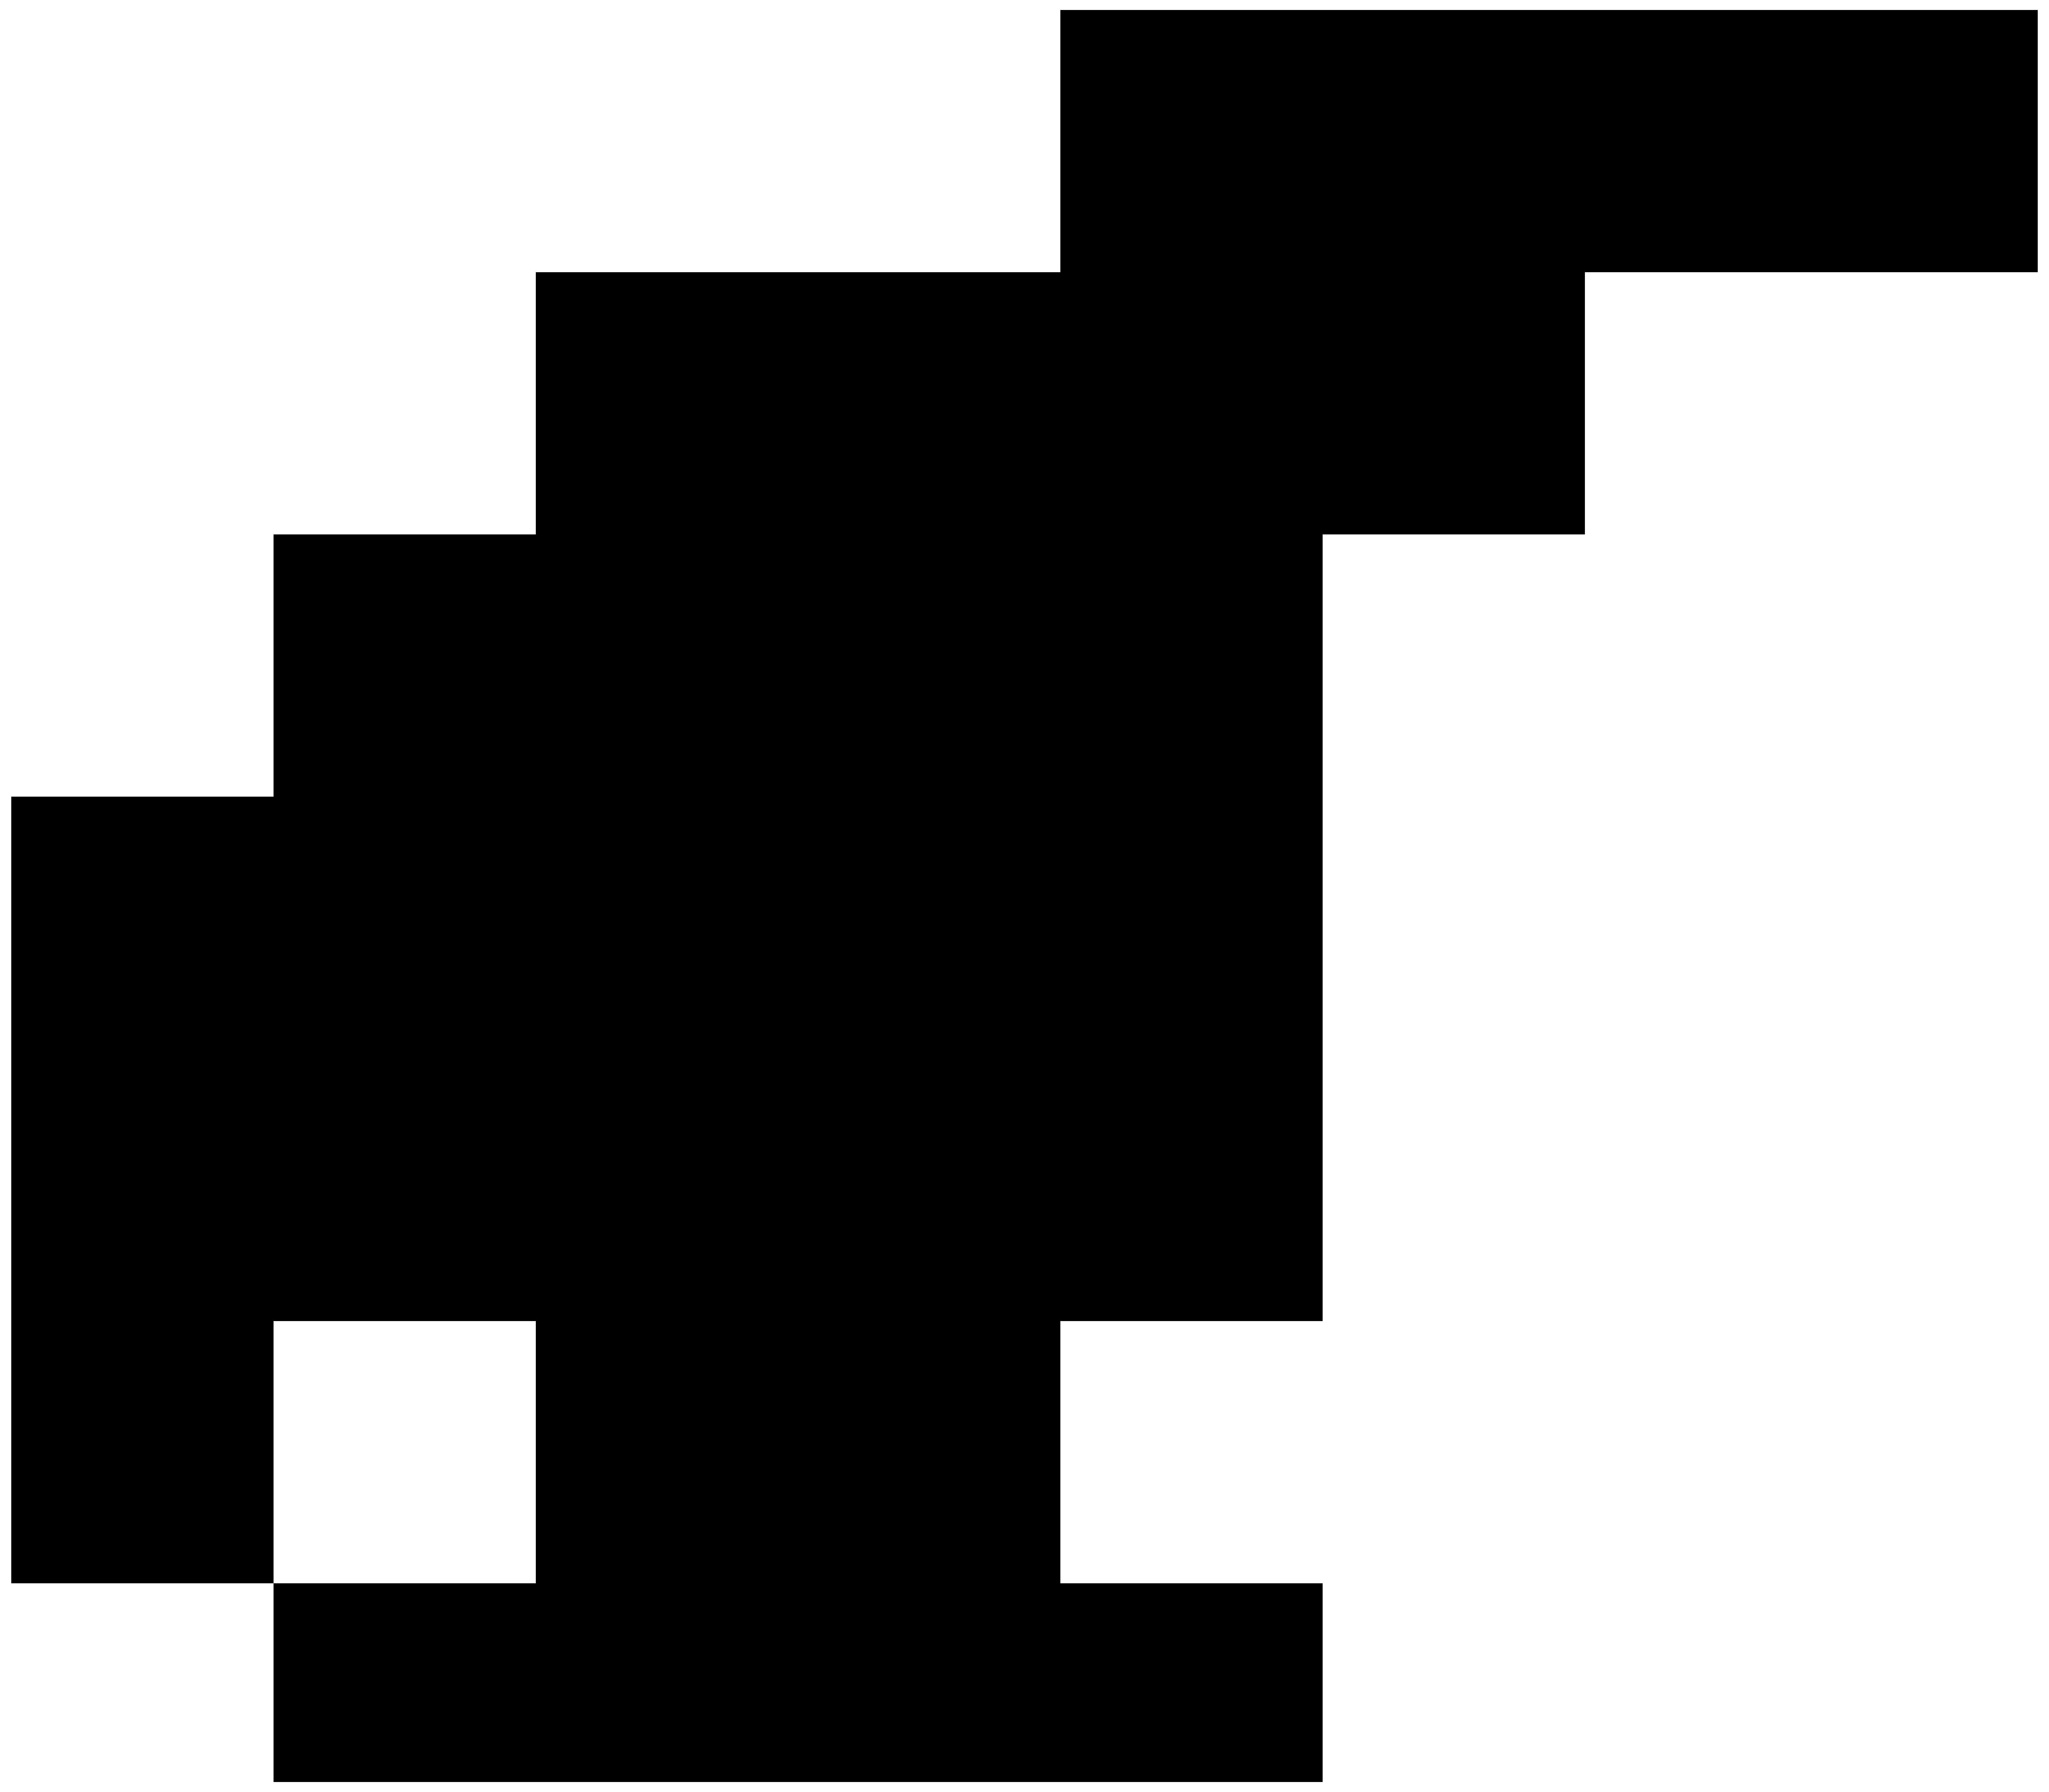 спортивная гимнастика картинка вектор еще чьи работы